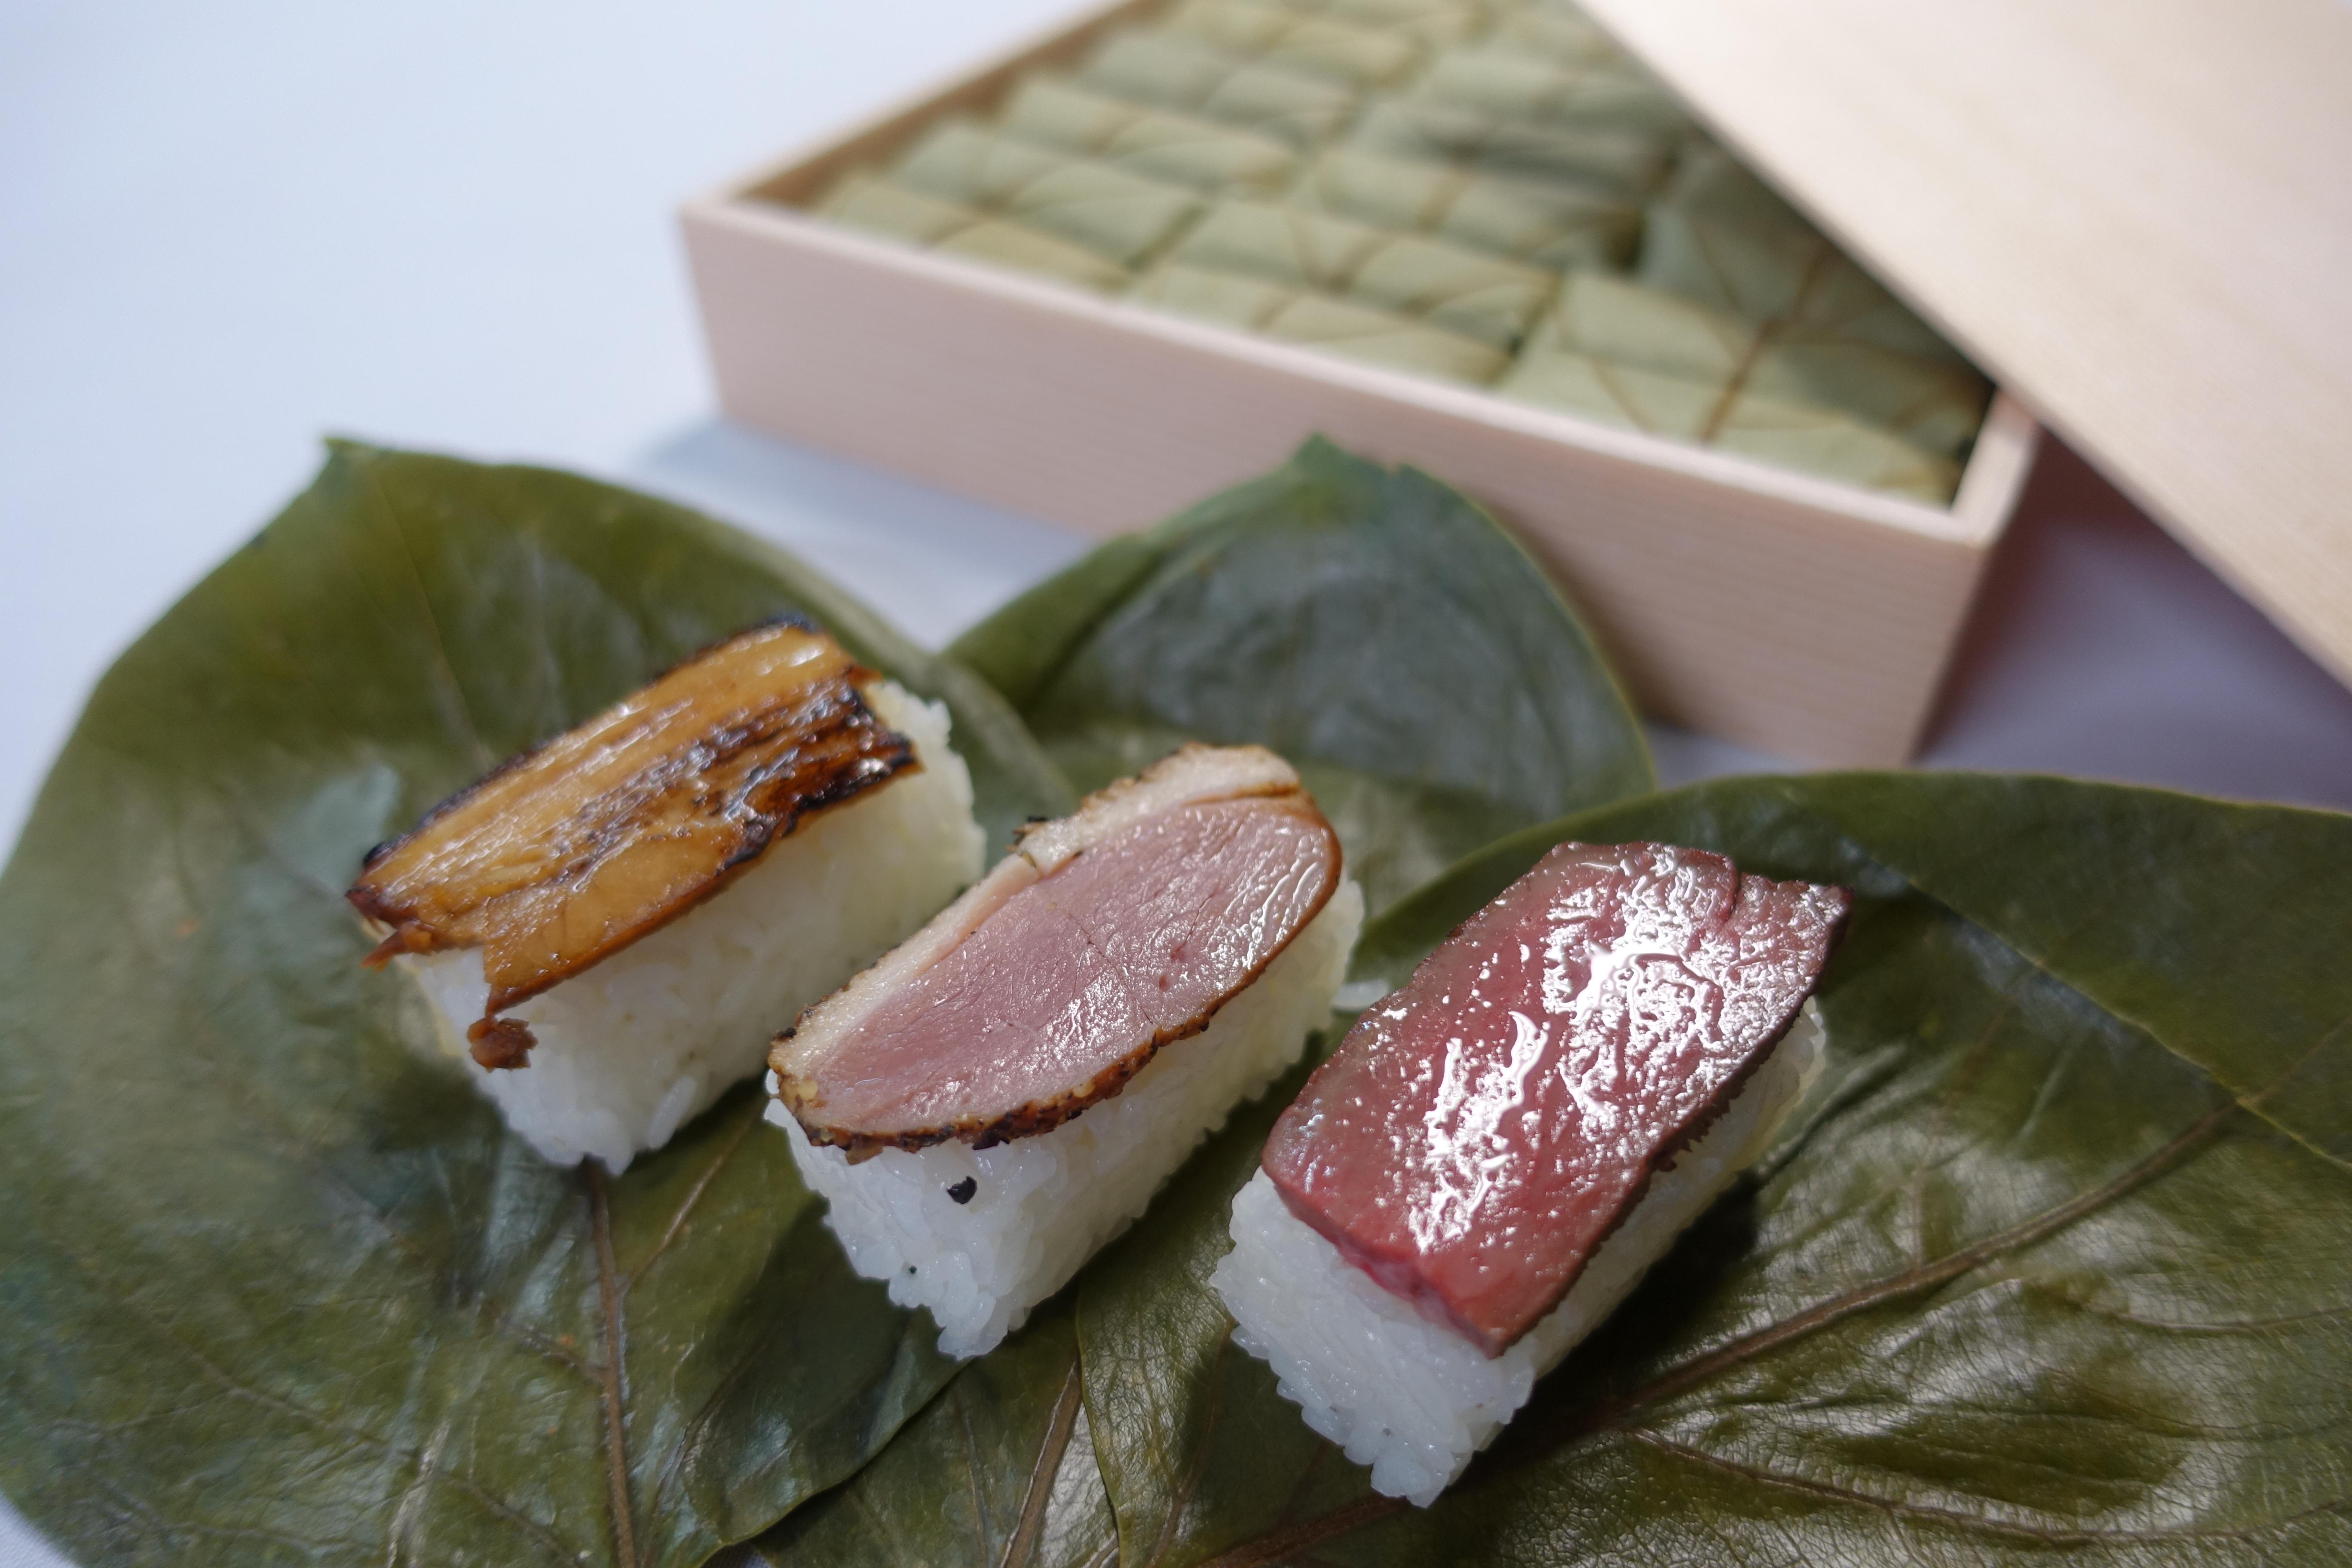 『外出自粛応援』。贈り物に【24個入 柿の葉肉寿司】もちろん期間中送料無料。